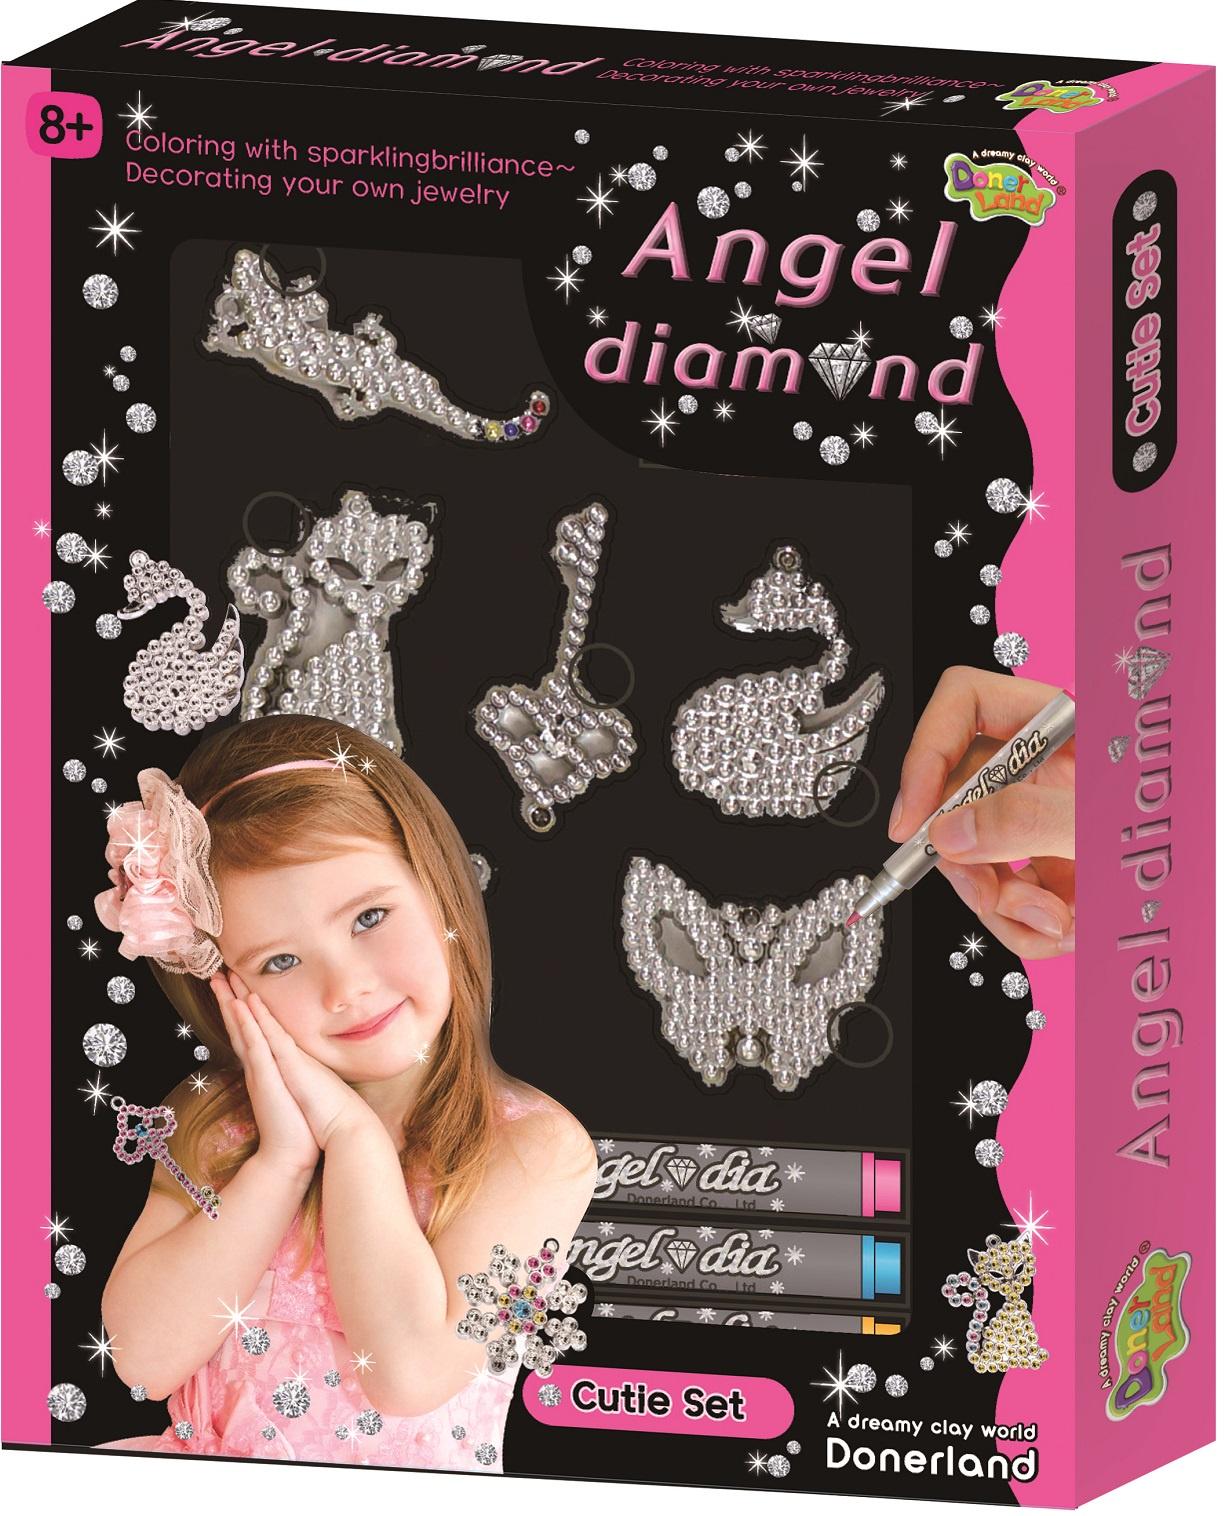 Набор для создания украшений Angel Dimond Игровой набор Angel Diamond - Cutie Set игровой набор карусель для создания украшений из бусинок lalaloopsy